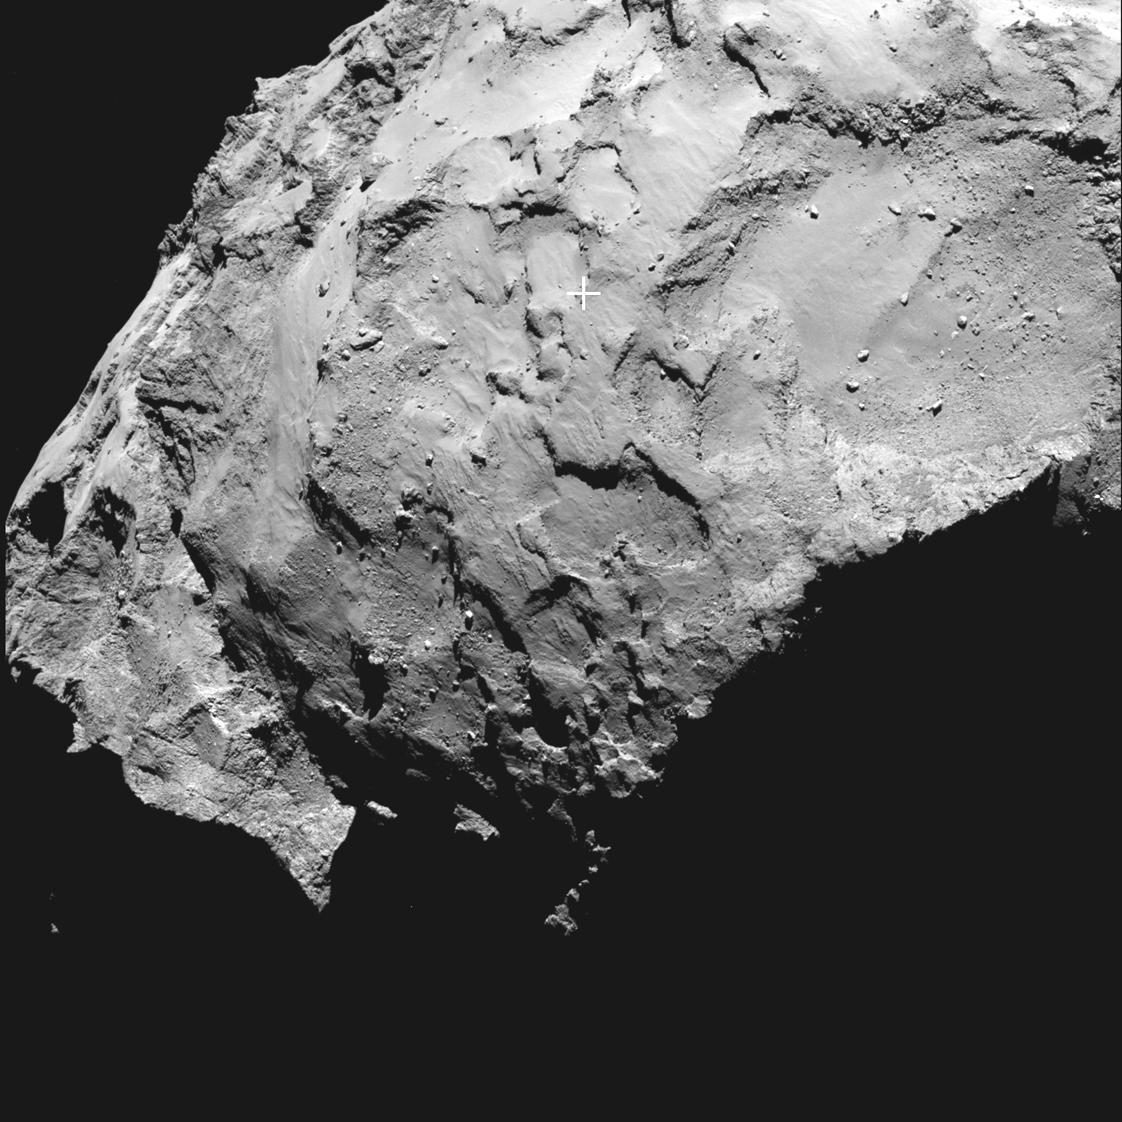 Landing Site J: Comet Landing Site for Rosetta